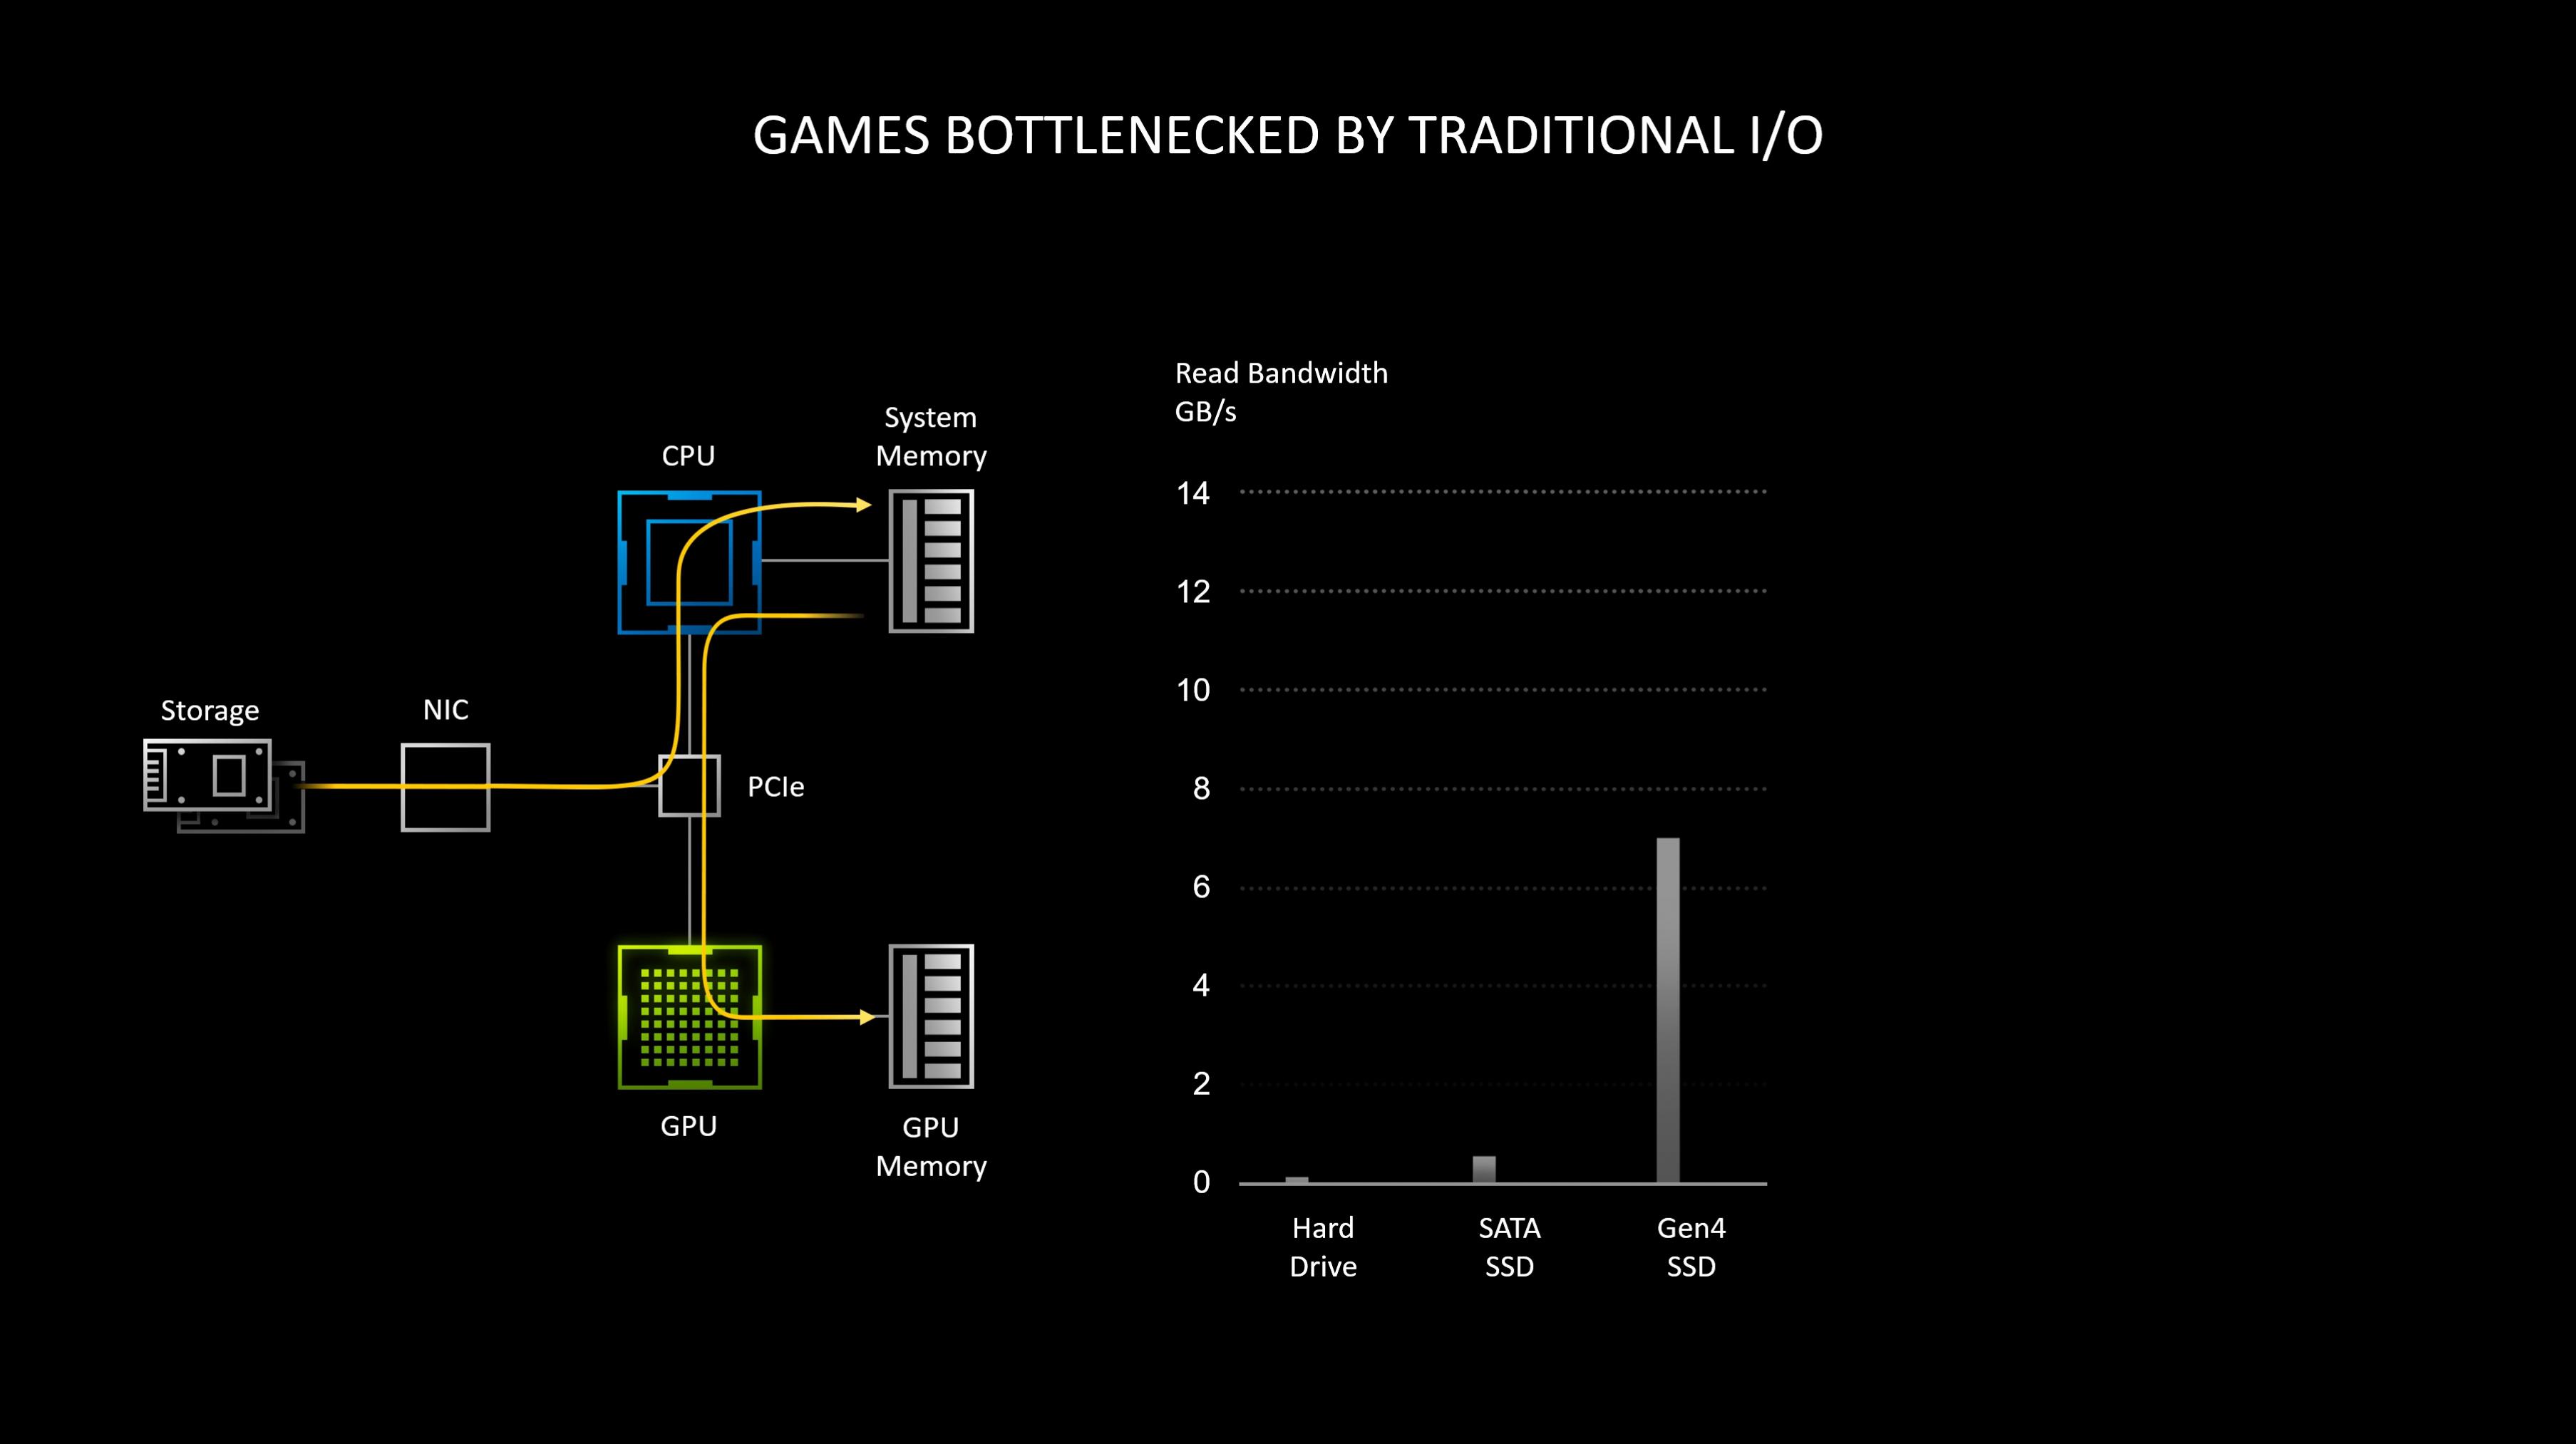 RTX IO: технология, которая сделала консоли следующего поколения устаревшими еще до их выхода